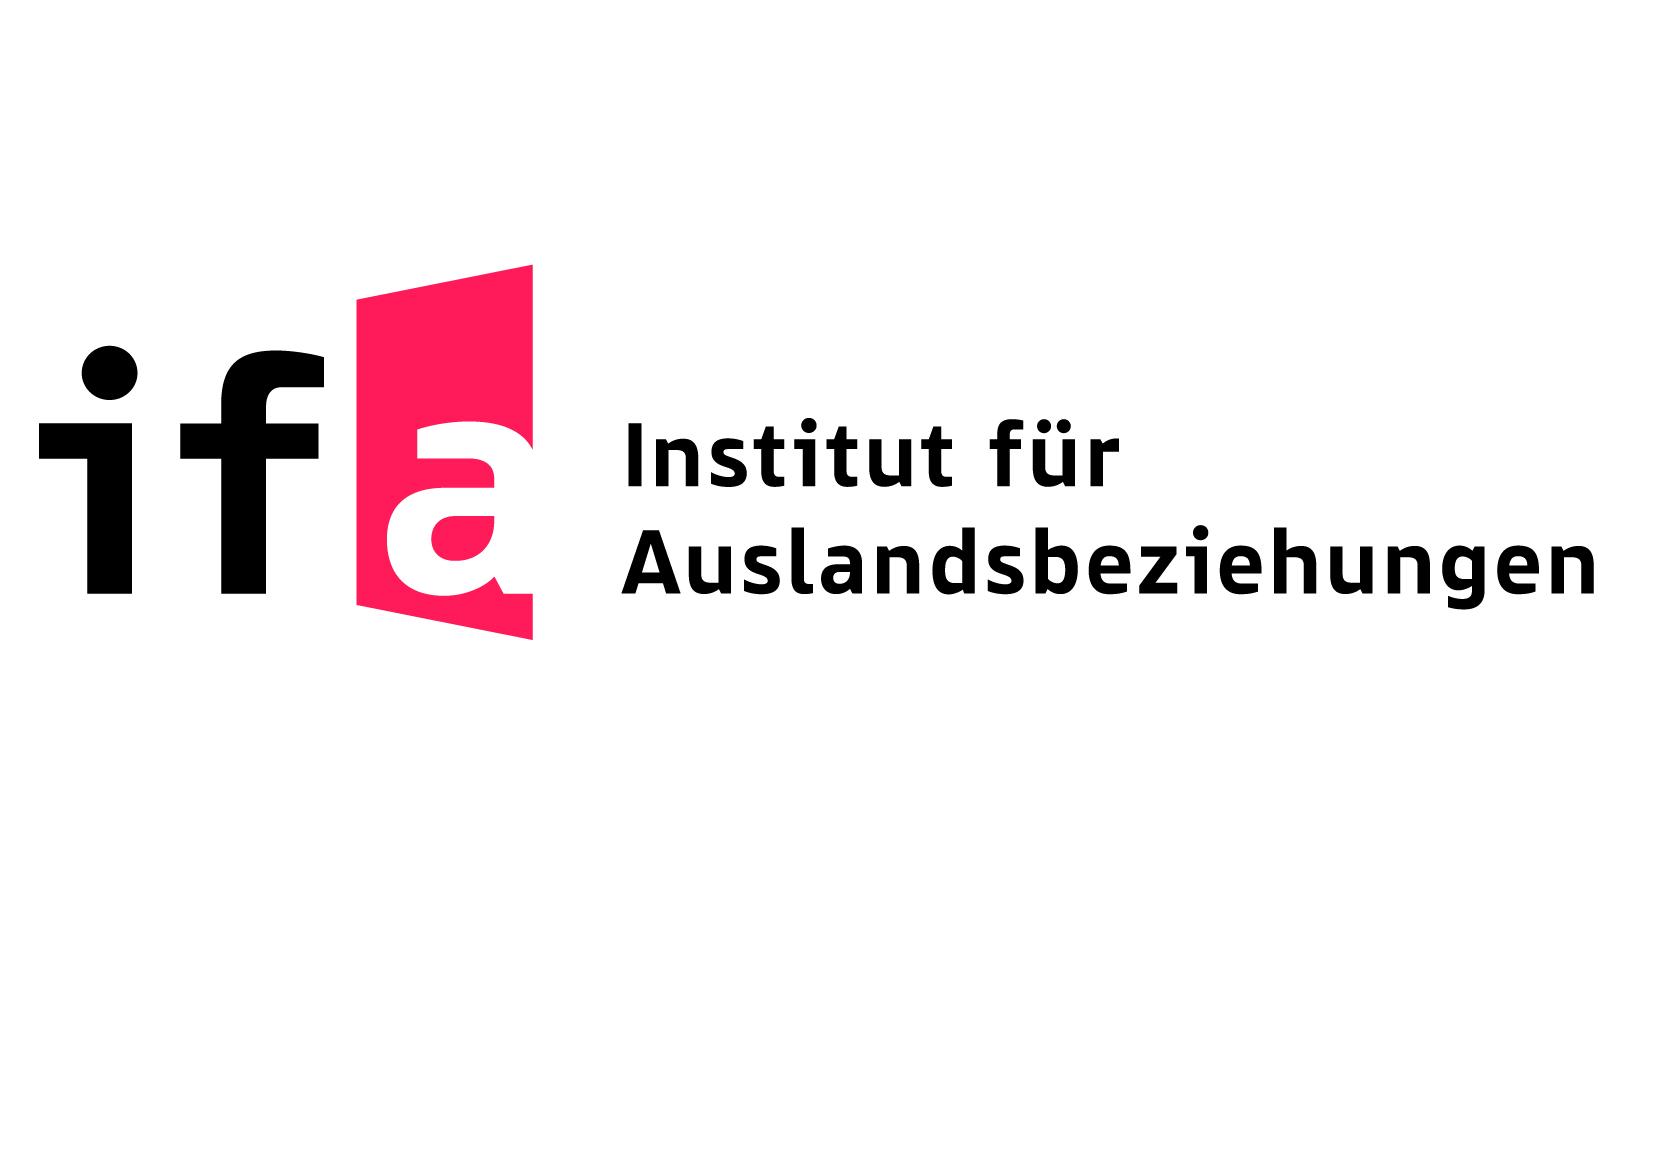 Ausschreibung Studie Institut für Auslandsbeziehungen (ifa) zu den deutsch-russischen Kulturbeziehungen.